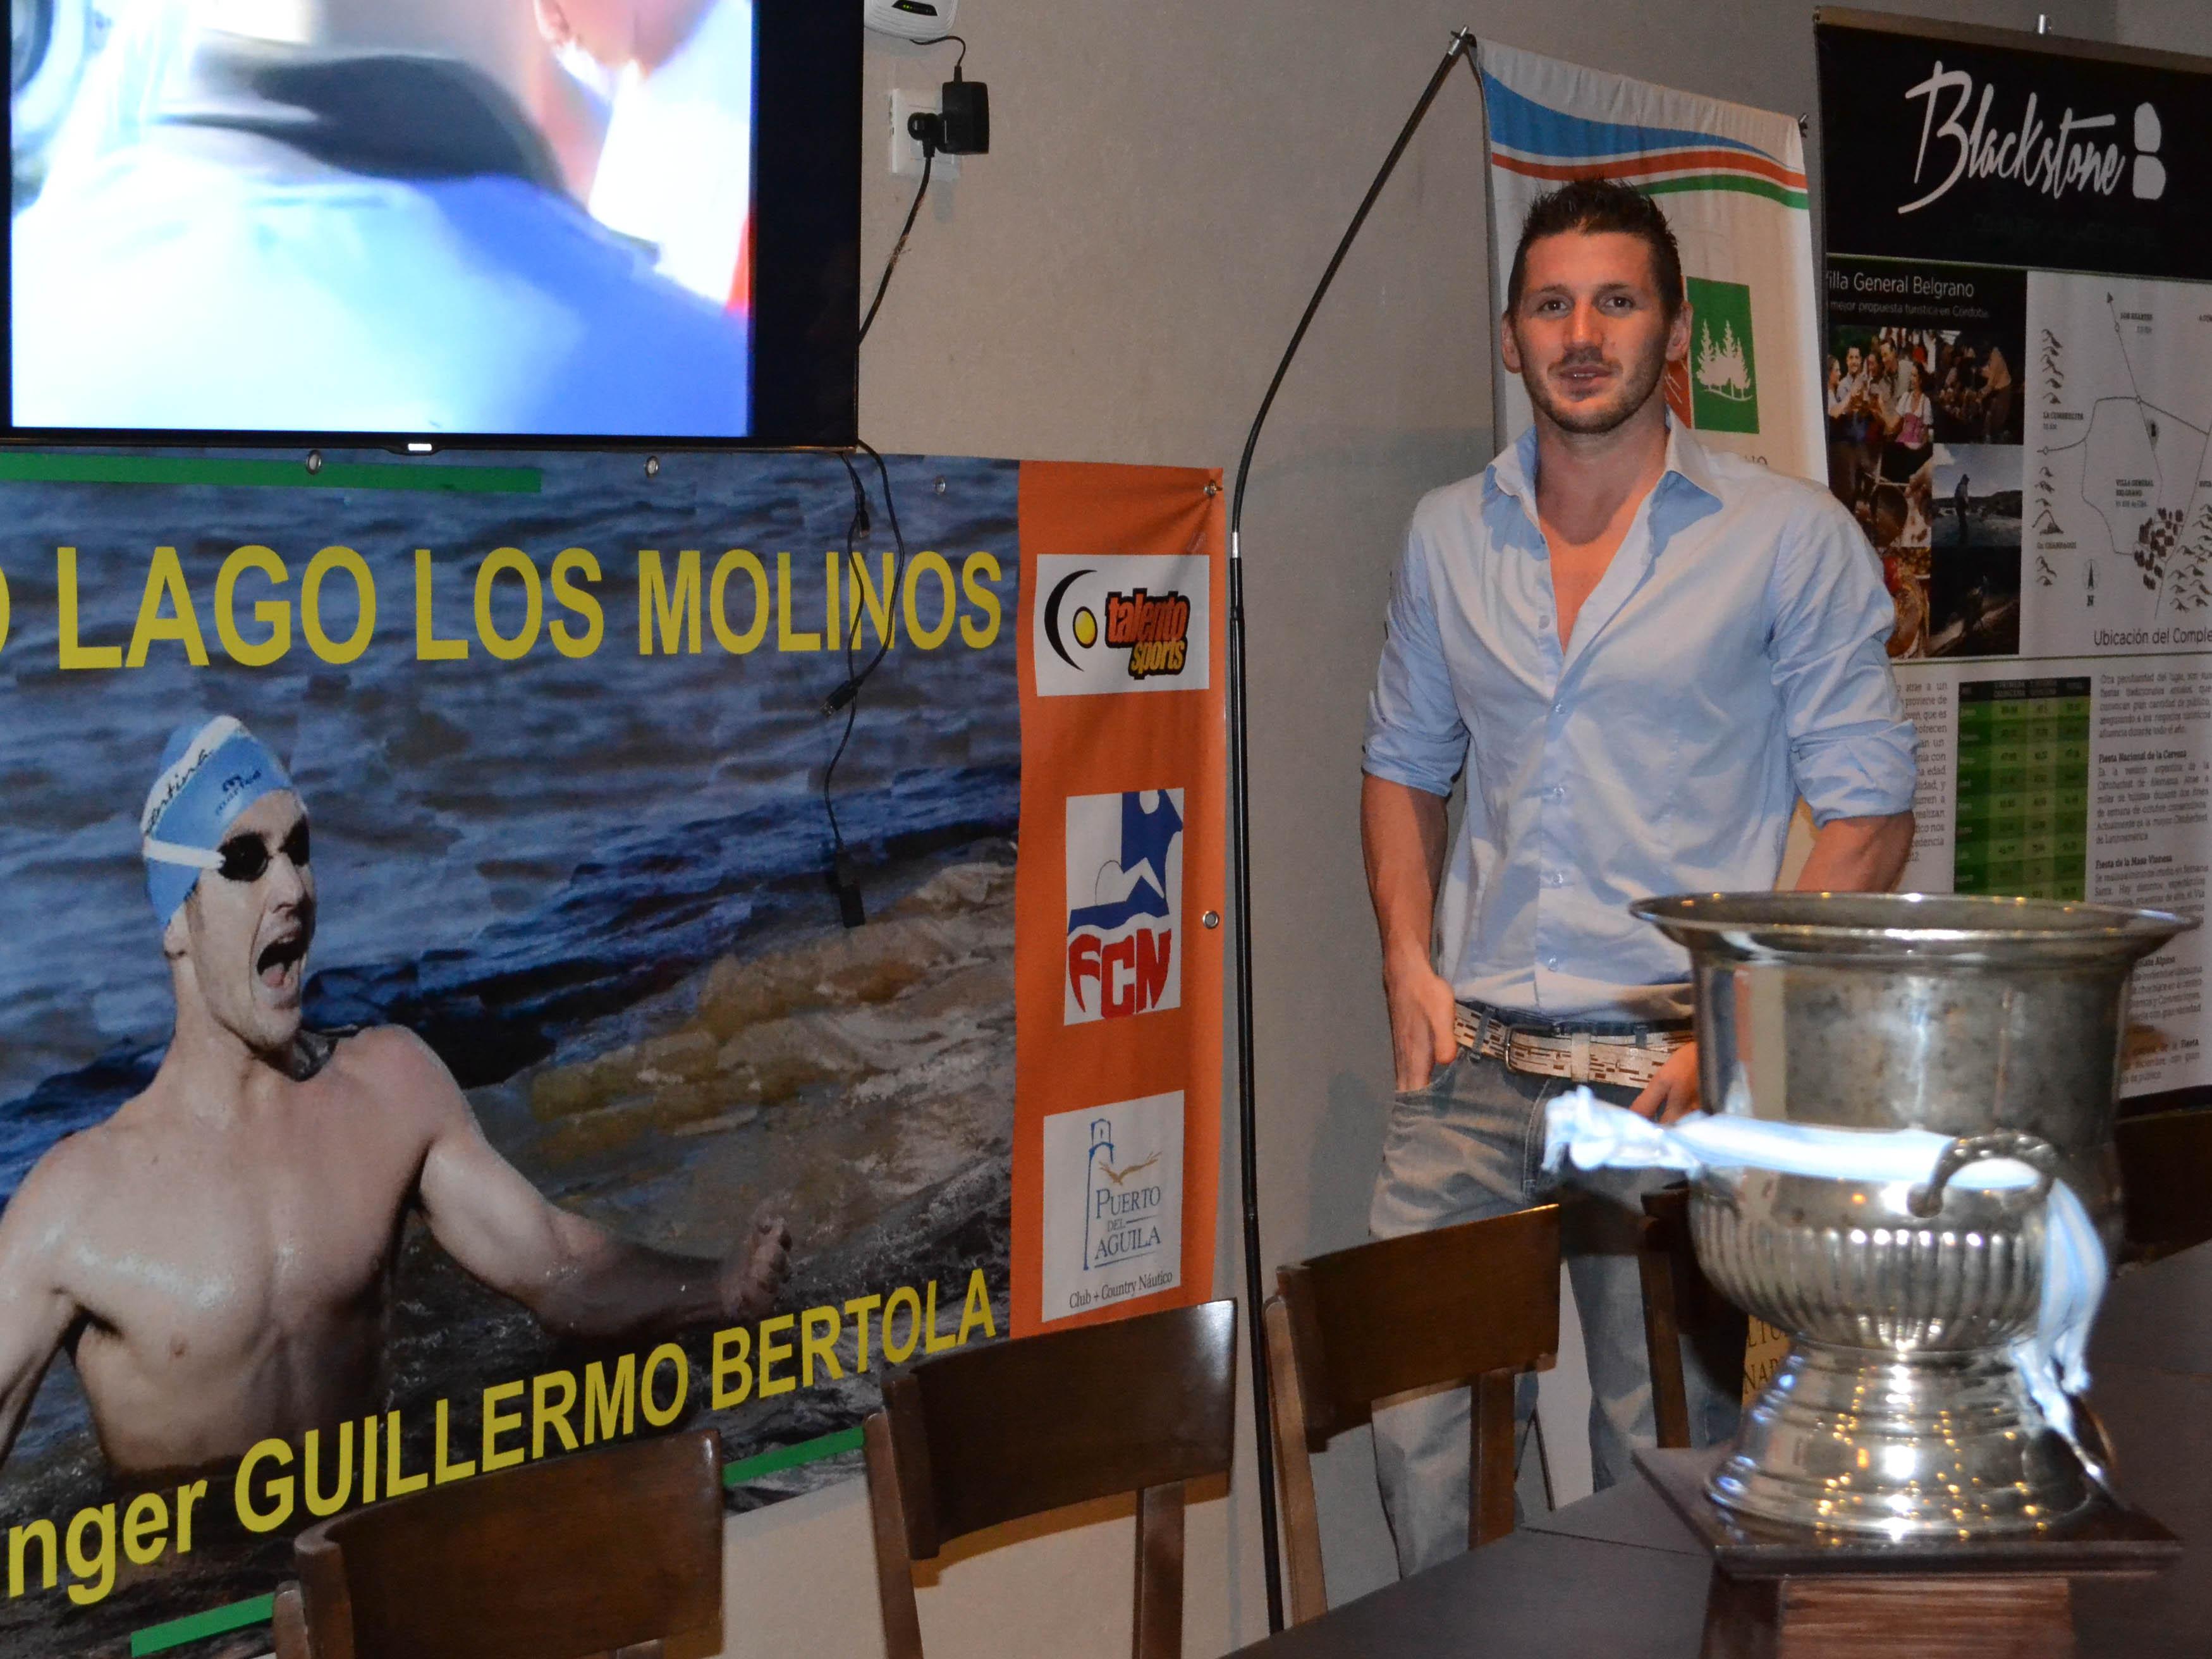 DESAFIO LAGO LOS MOLINOS 2014, Presentación de la carrera